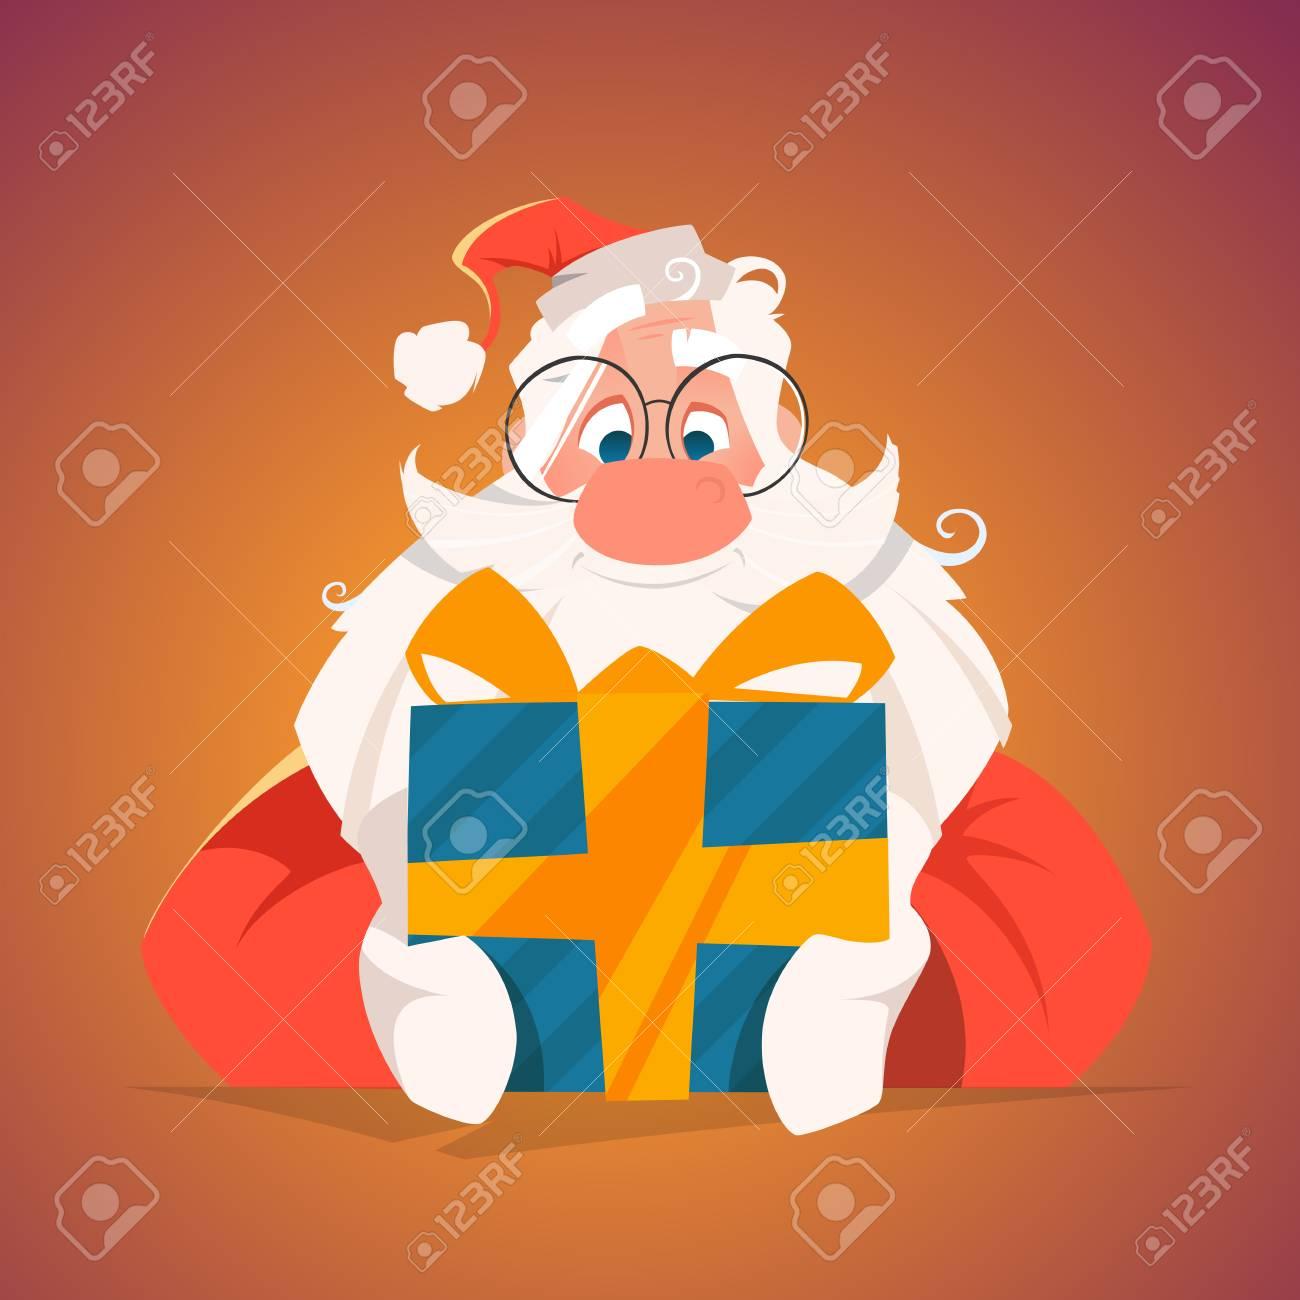 Happy santa holding a gift box - 88896319